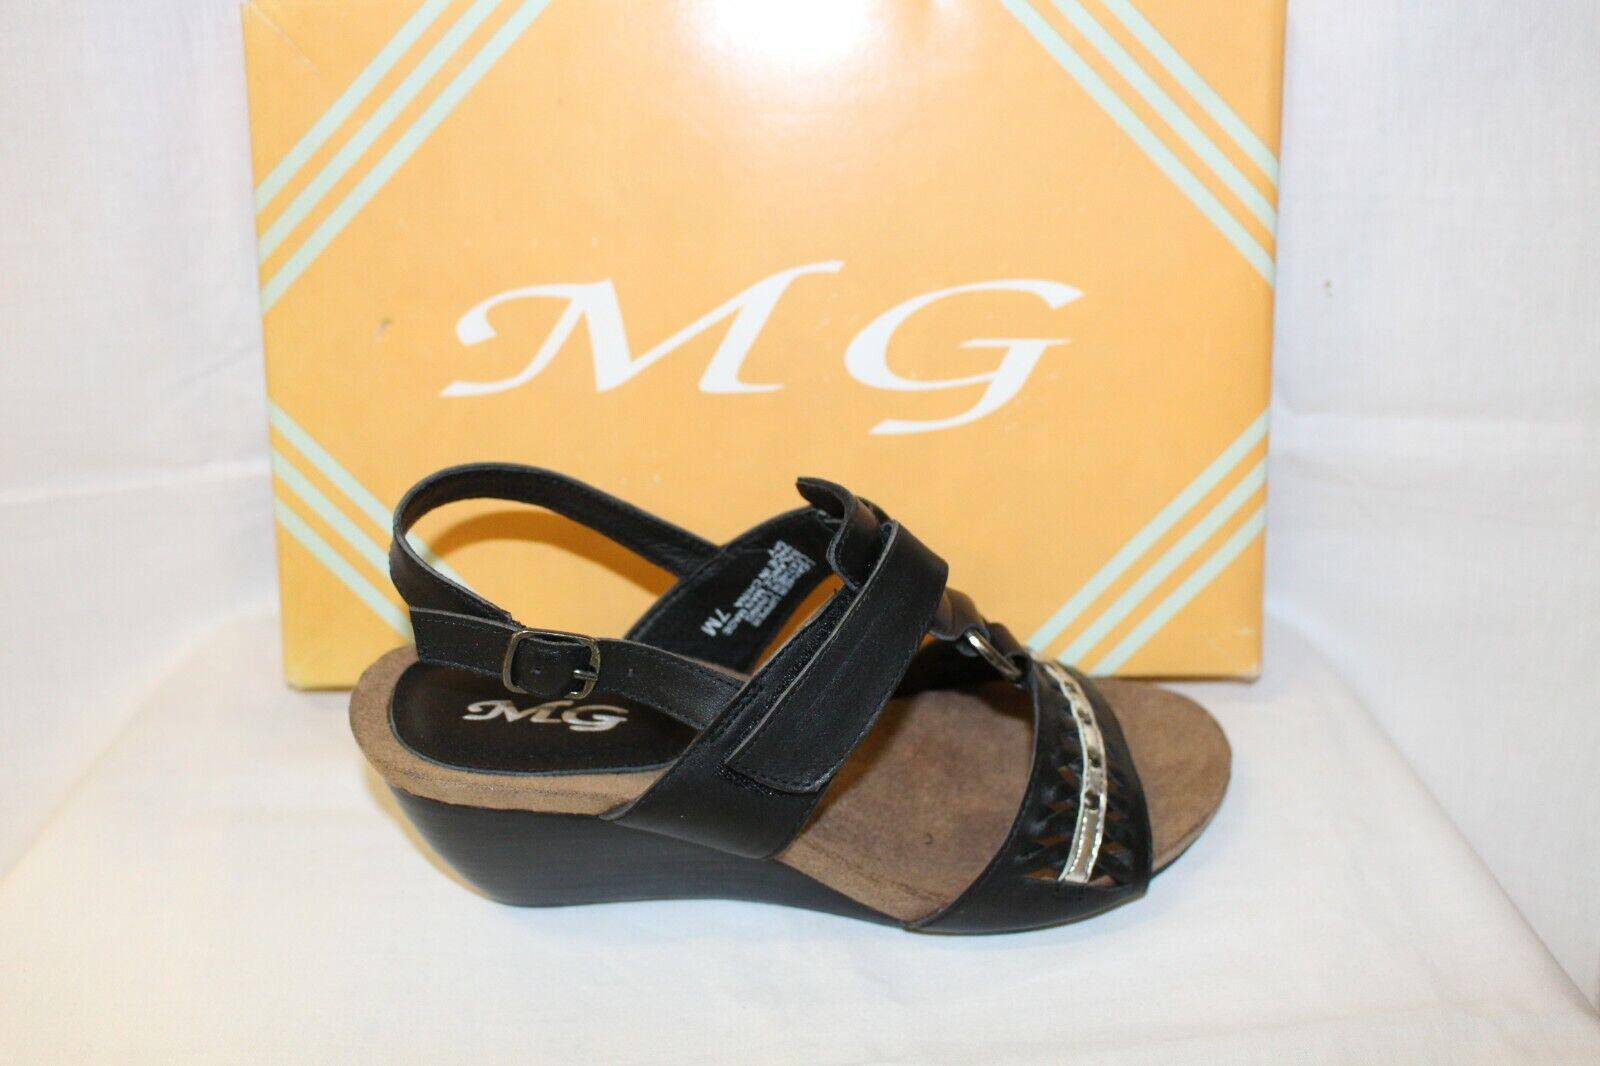 LADIES scarpe FOOTWEAR -MG Spy nero sandal